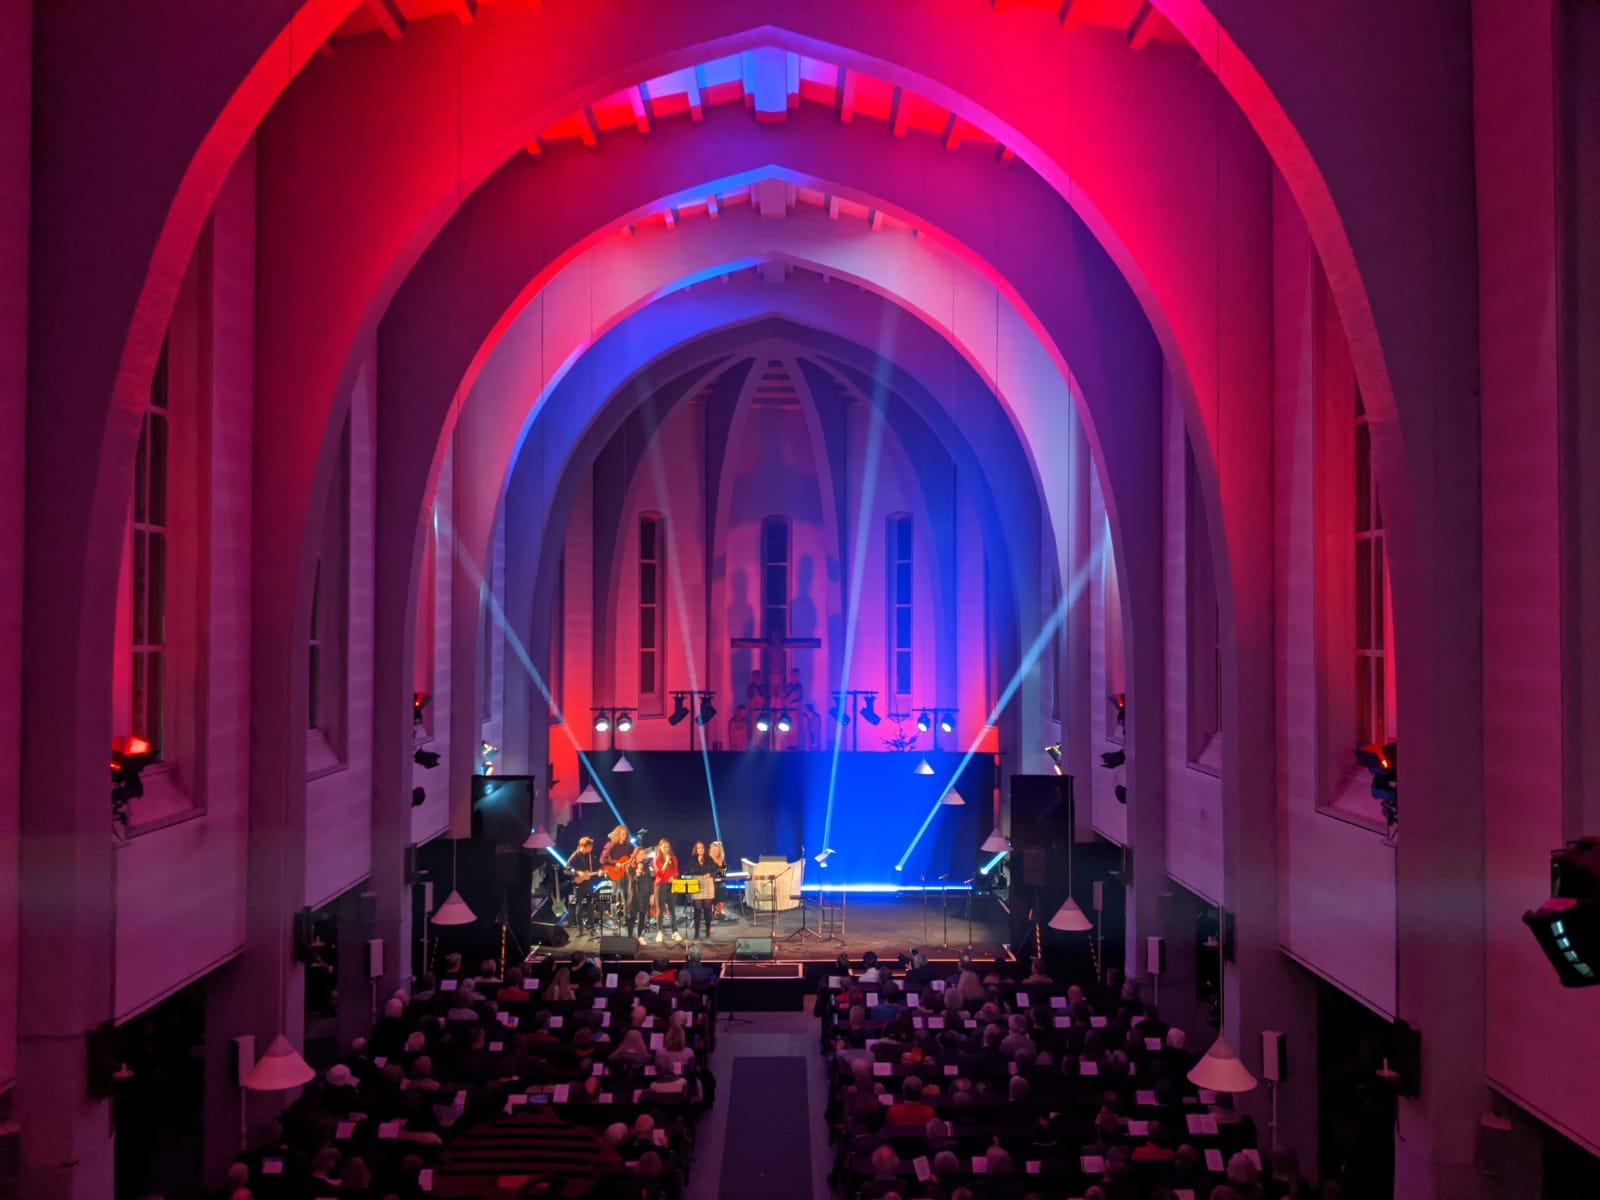 Benefizkonzert in der Rockenhof Kirche für Flüchtlingshilfe